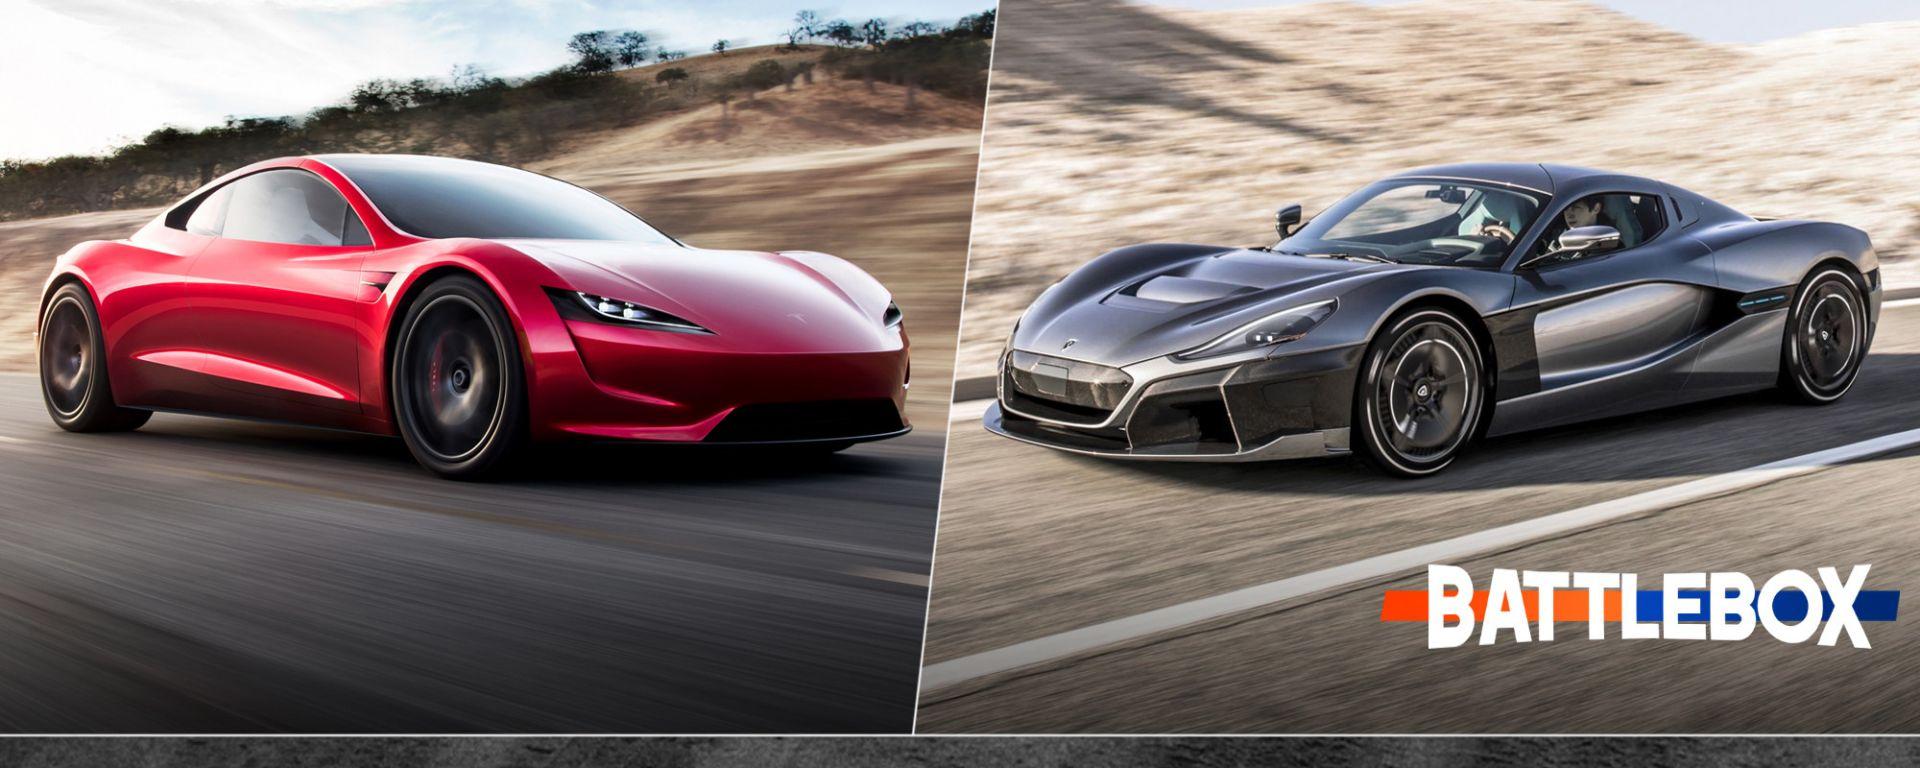 Battlebox Tesla vs. Rimac: la sfida delle supercar elettriche